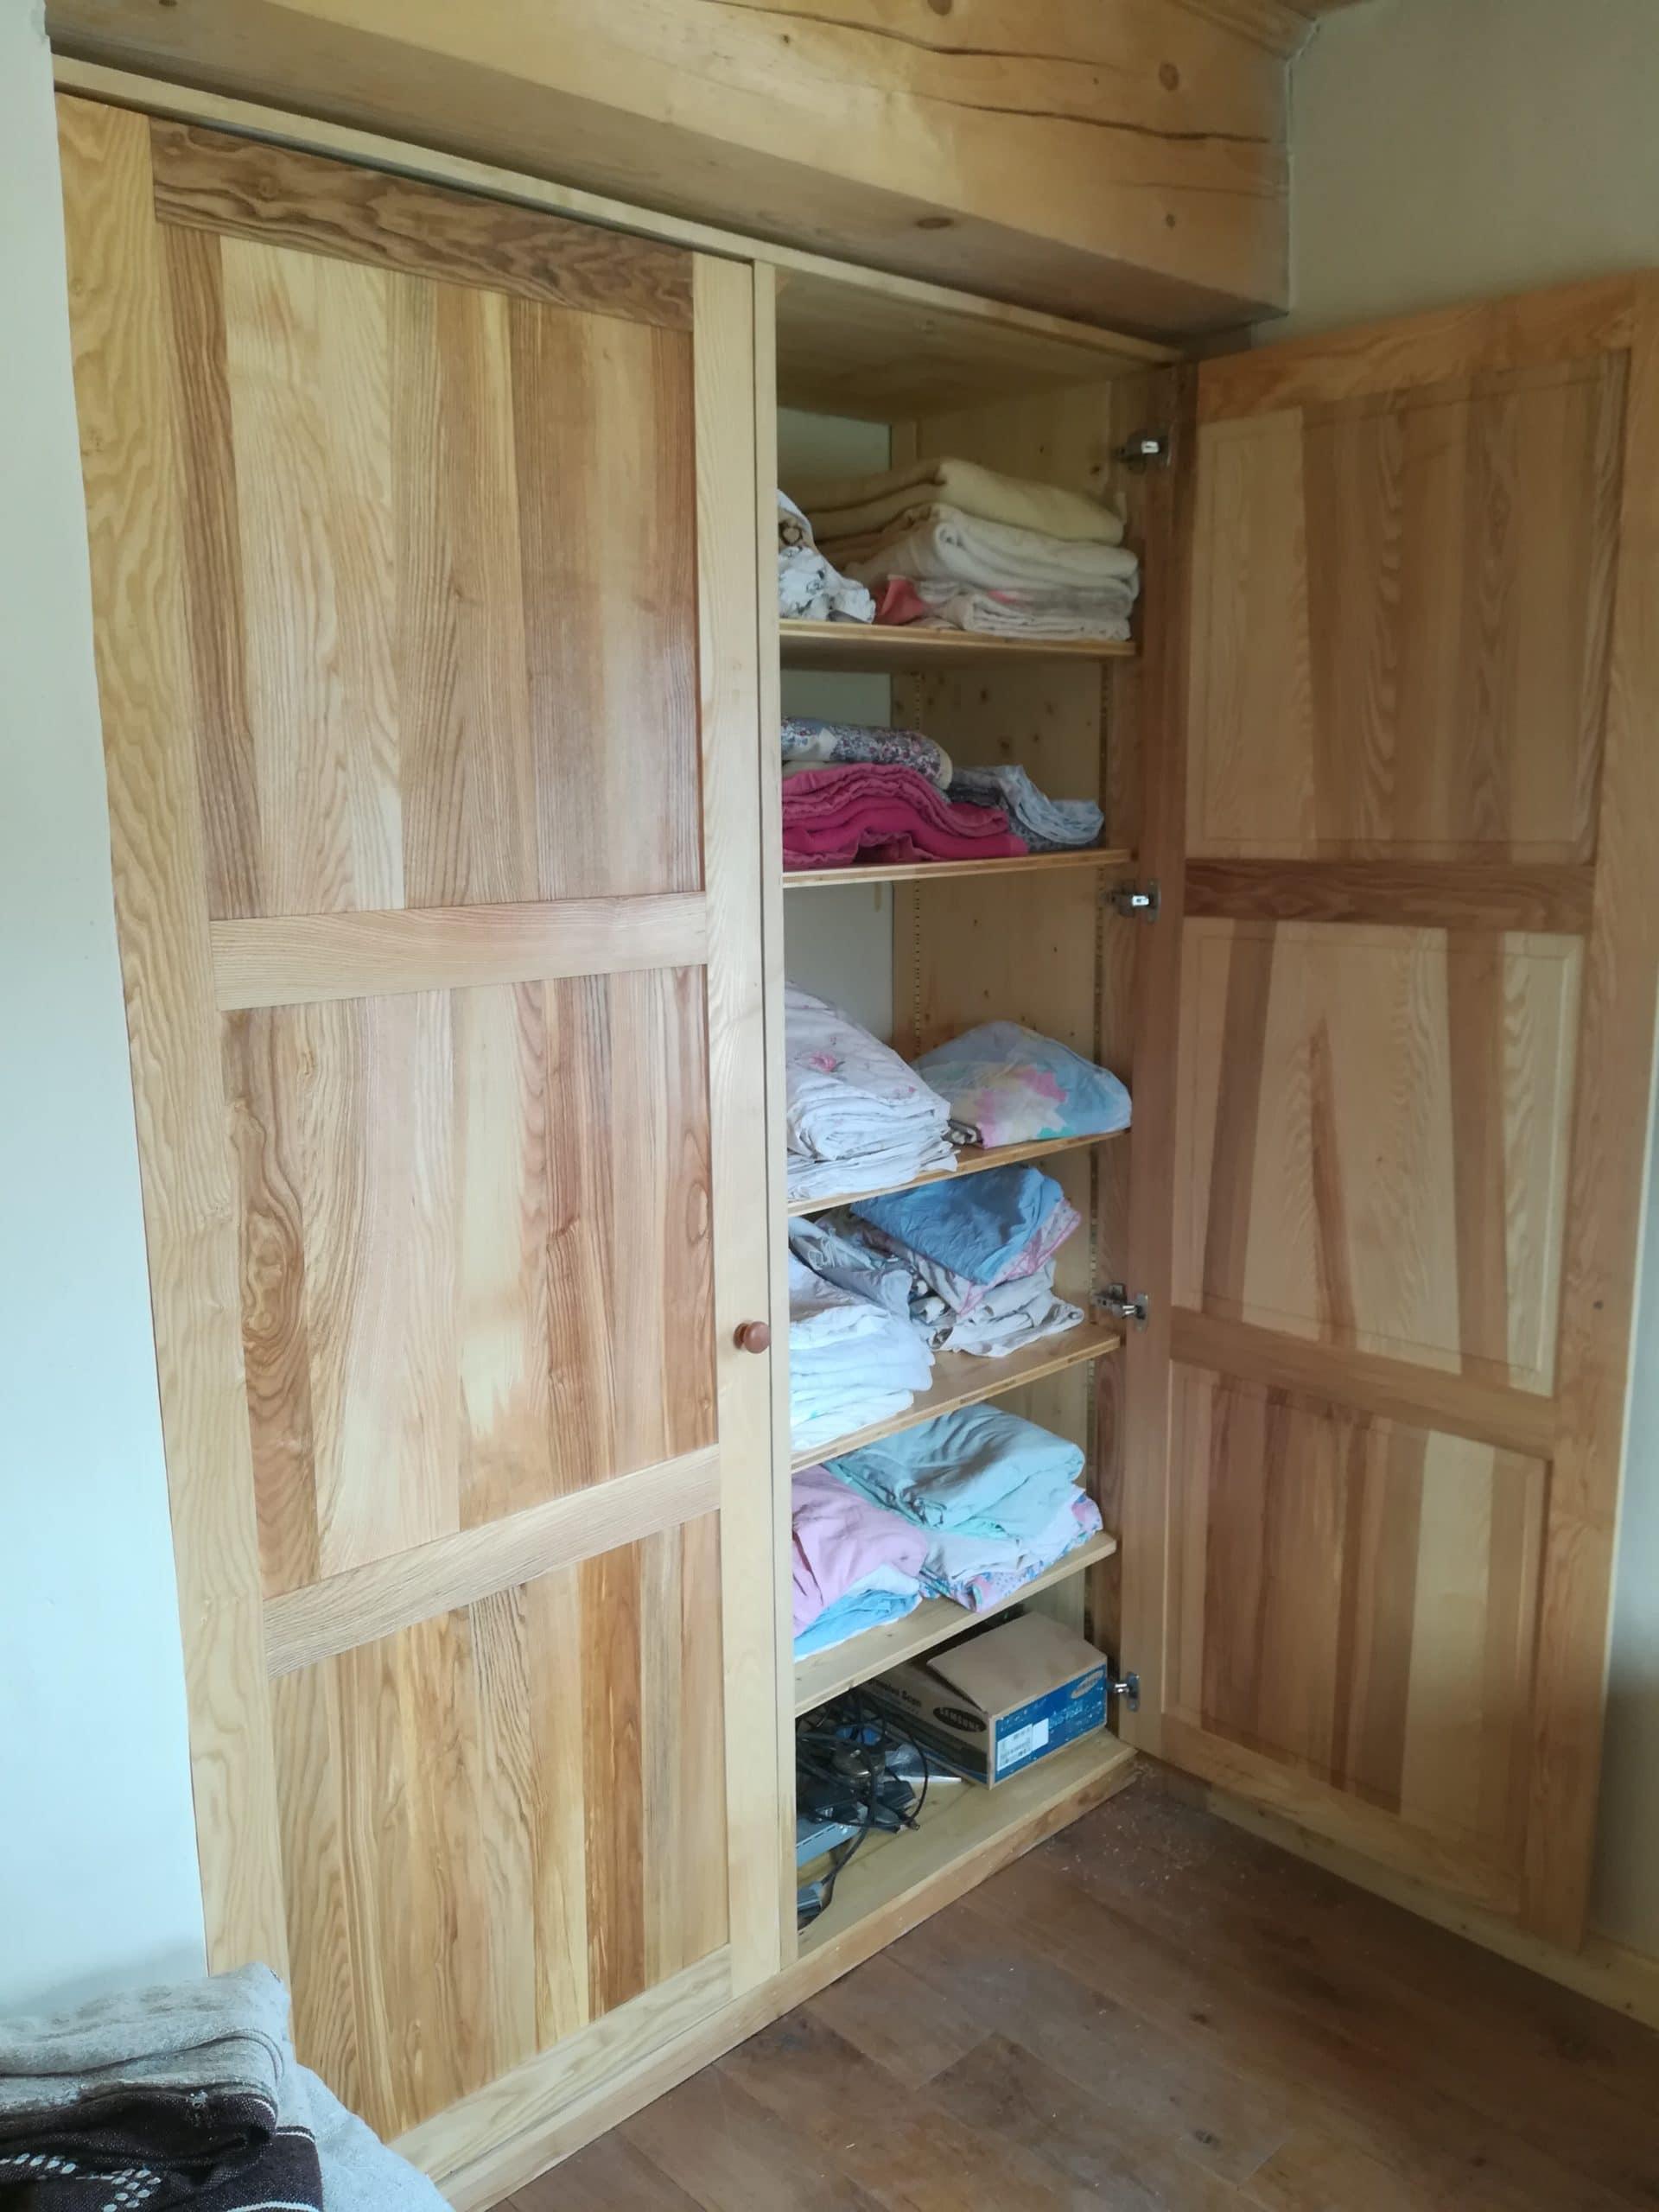 Agencement placard, aménagement sur mesure, armoire, portes de placard en frêne massif à panneaux moulurés, rustique, moderne, lumineux.